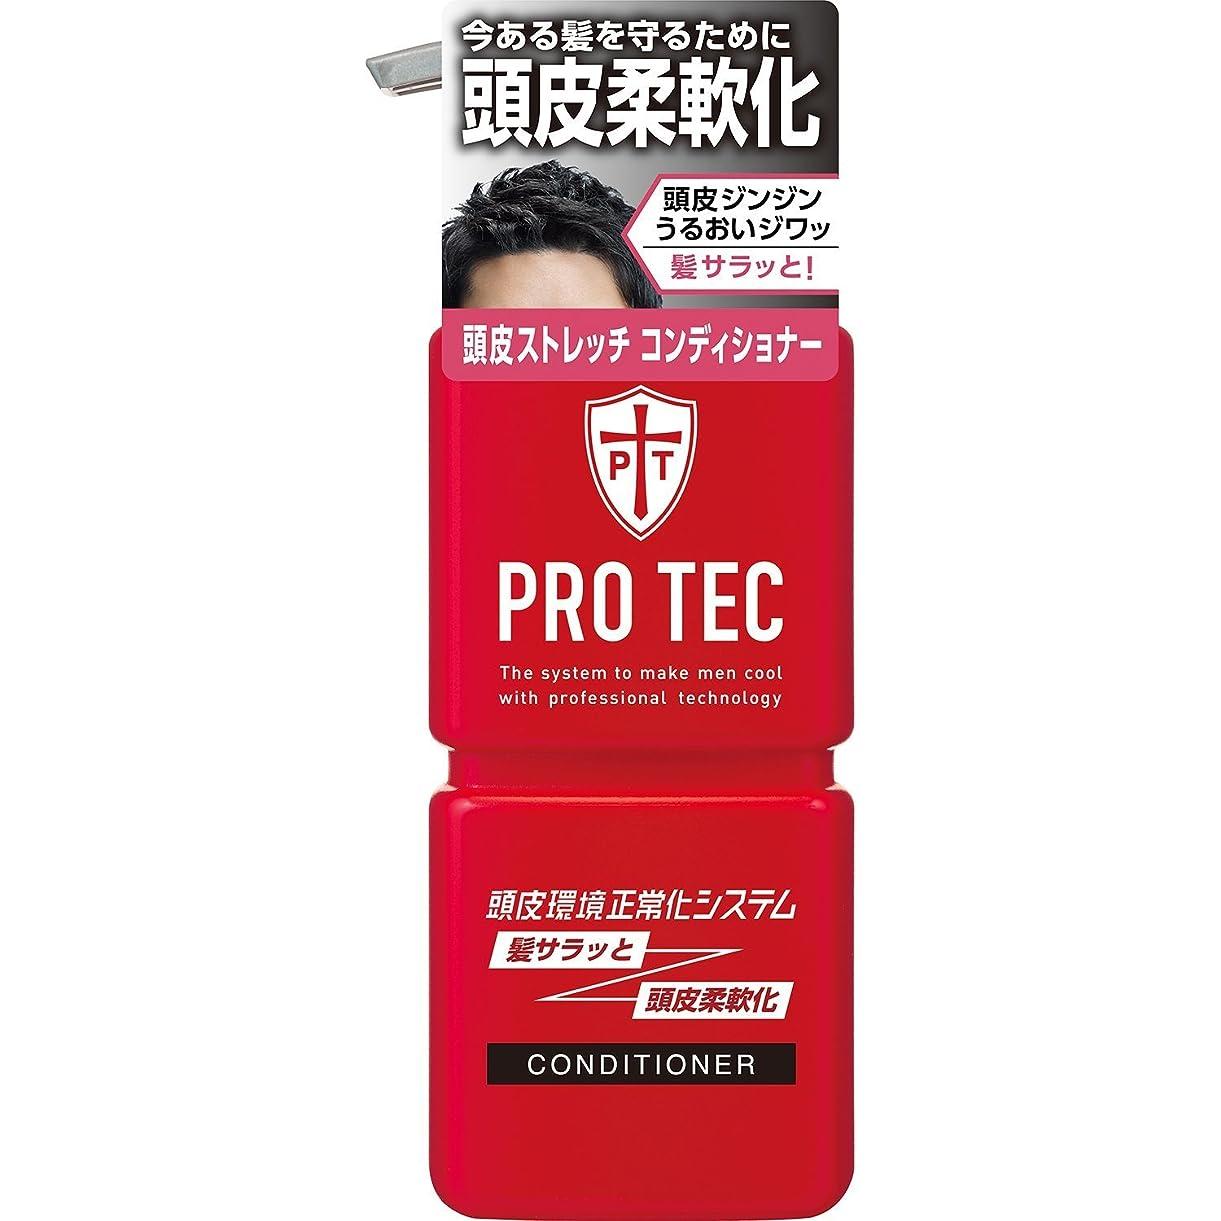 余剰裁定オーバーコートPRO TEC(プロテク) 頭皮ストレッチコンディショナー ポンプ 300g ×20個セット